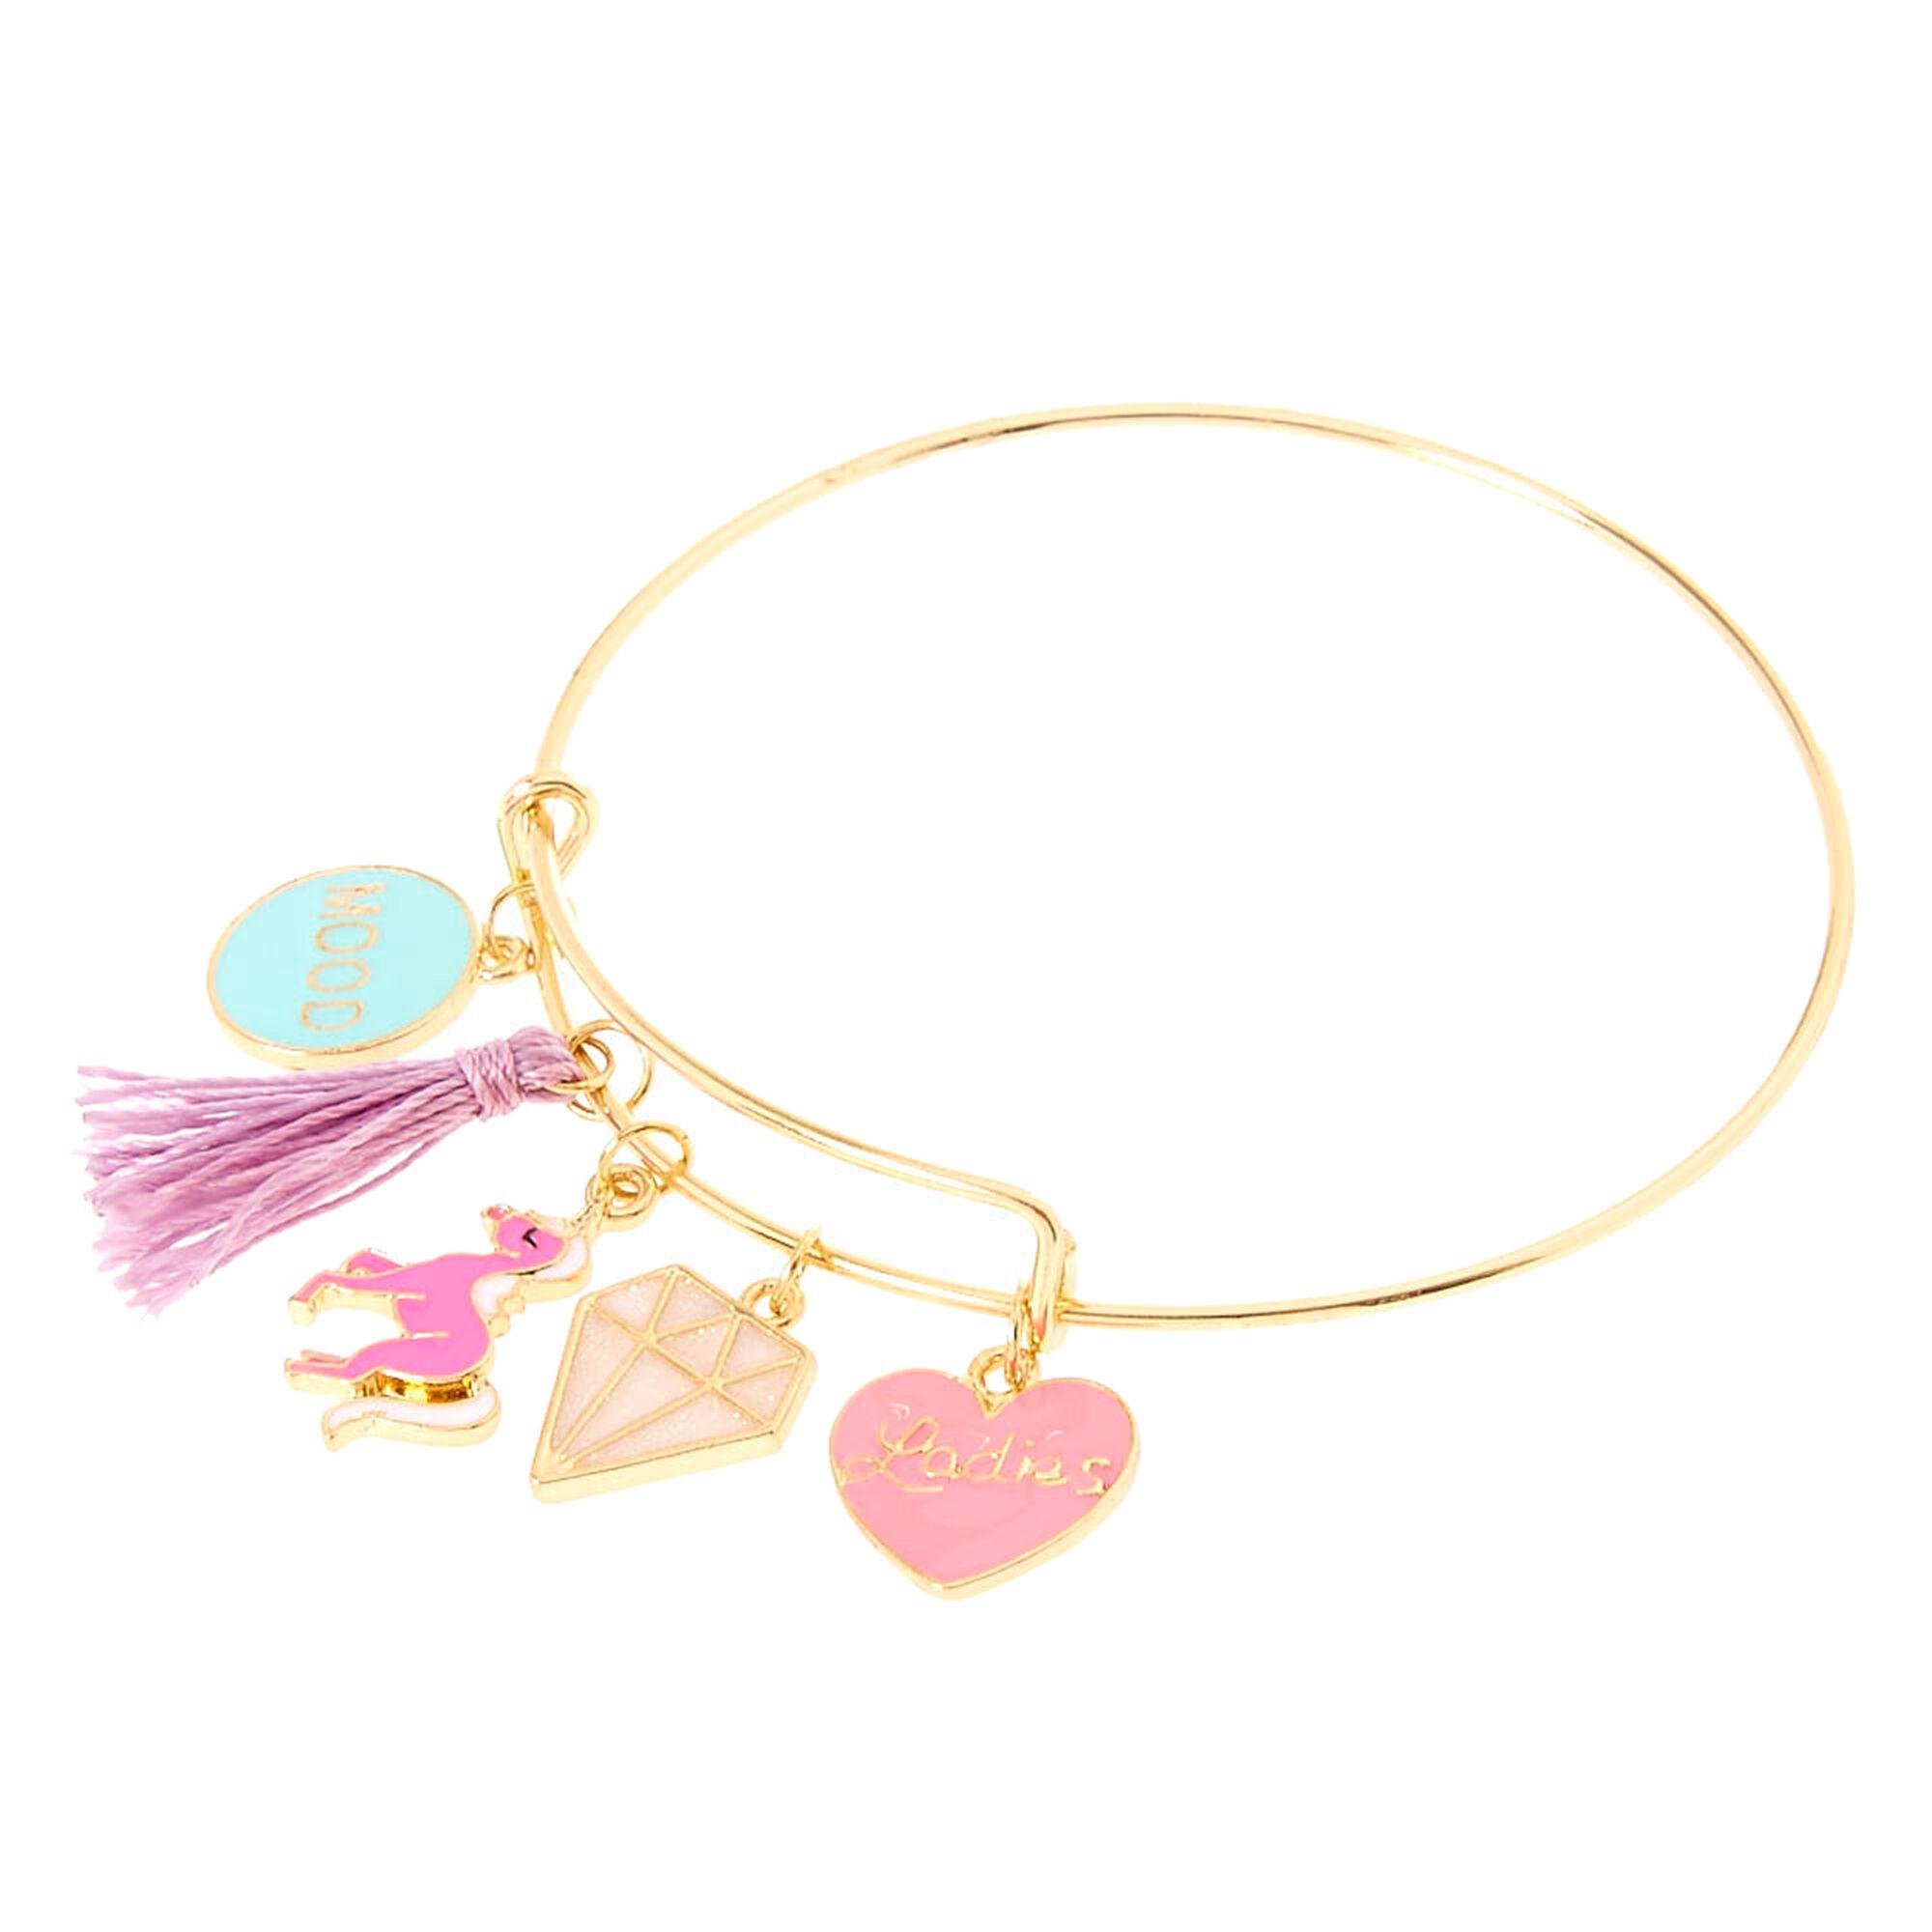 Gold Tone Unicorn Charm Bangle Bracelet